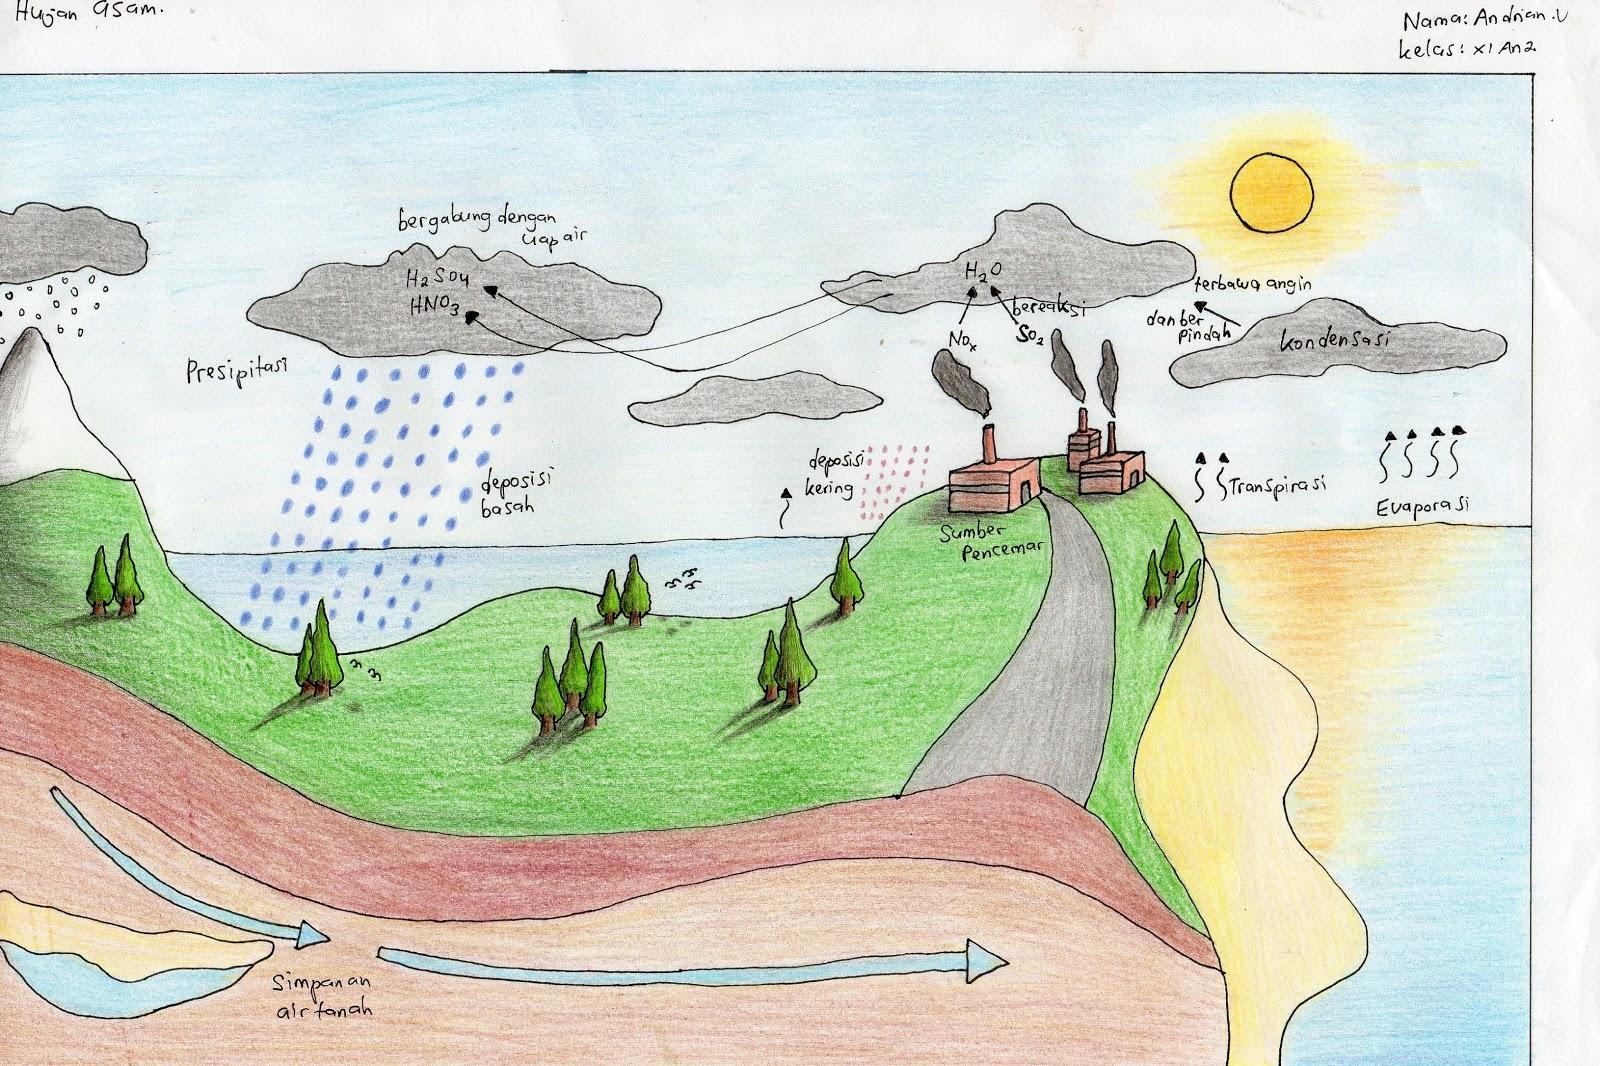 GAMBAR PROSES HUJAN ASAMACID RAIN  LET US STUDY